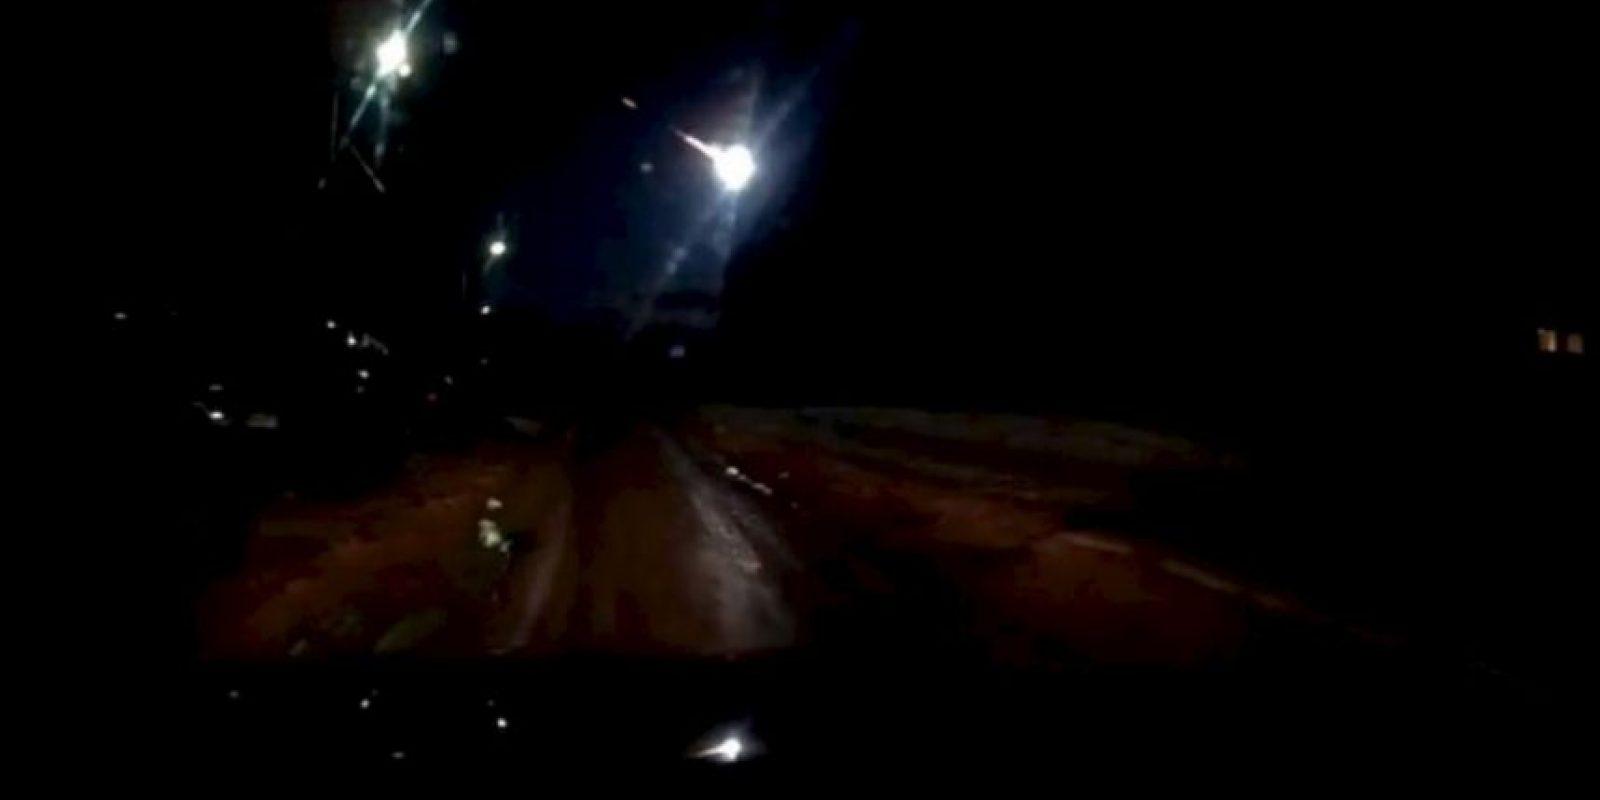 Según informa la televisora rusa RT, hasta el momento no se reporta ningún impacto de los restos de este meteorito en la Tierra. Al parecer, el cuerpo celeste se desintegró bastante lejos de nuestro planeta. Foto:YouTube.com – Archivo